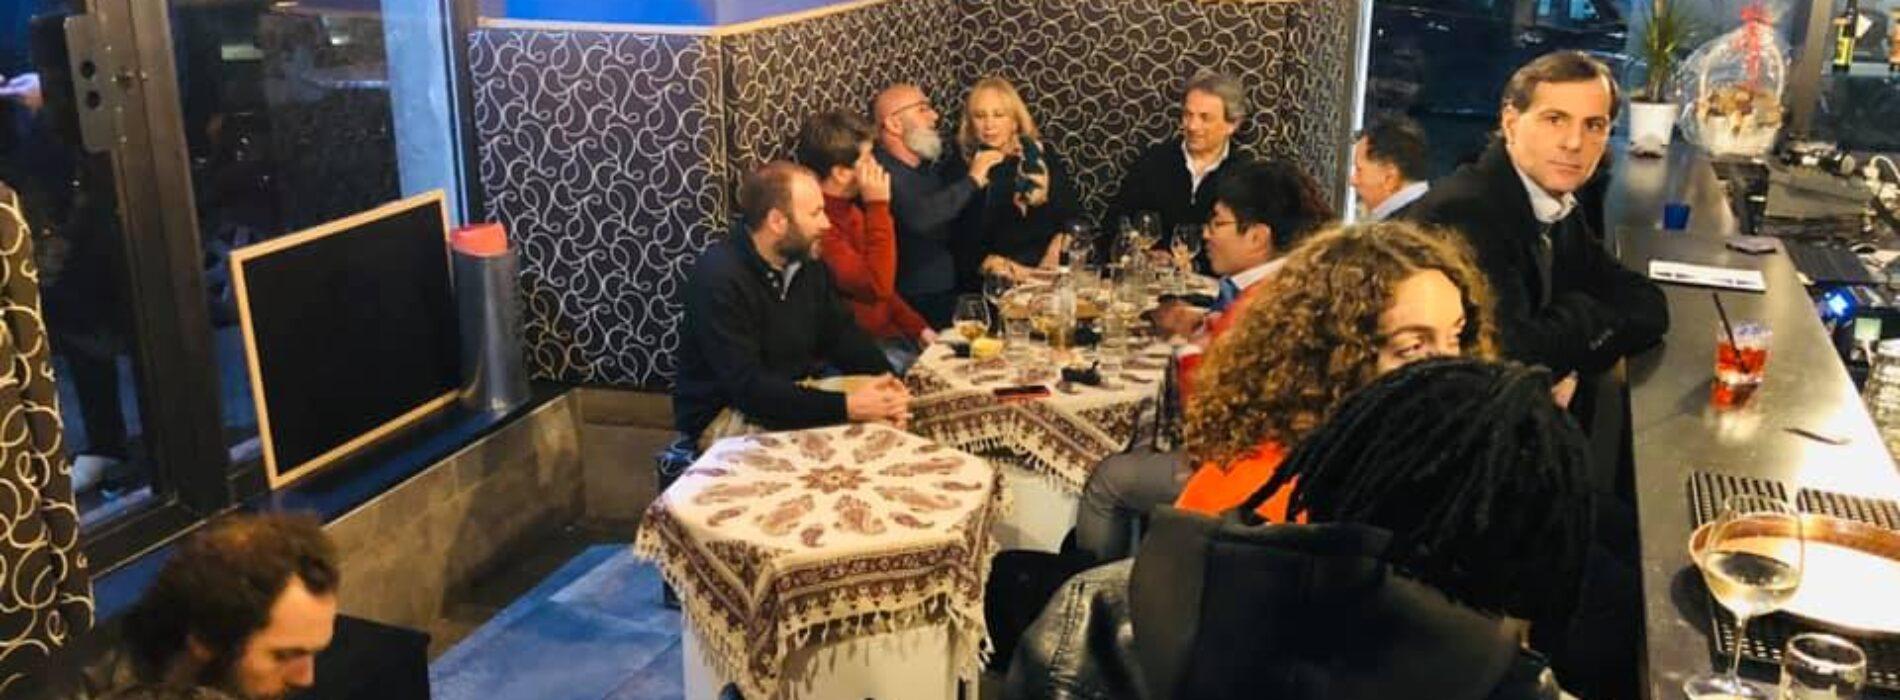 Meikhane Mafalda a Napoli, chiude il ristorante di cucina etnica creato dai rifugiati (e diventa bottega)